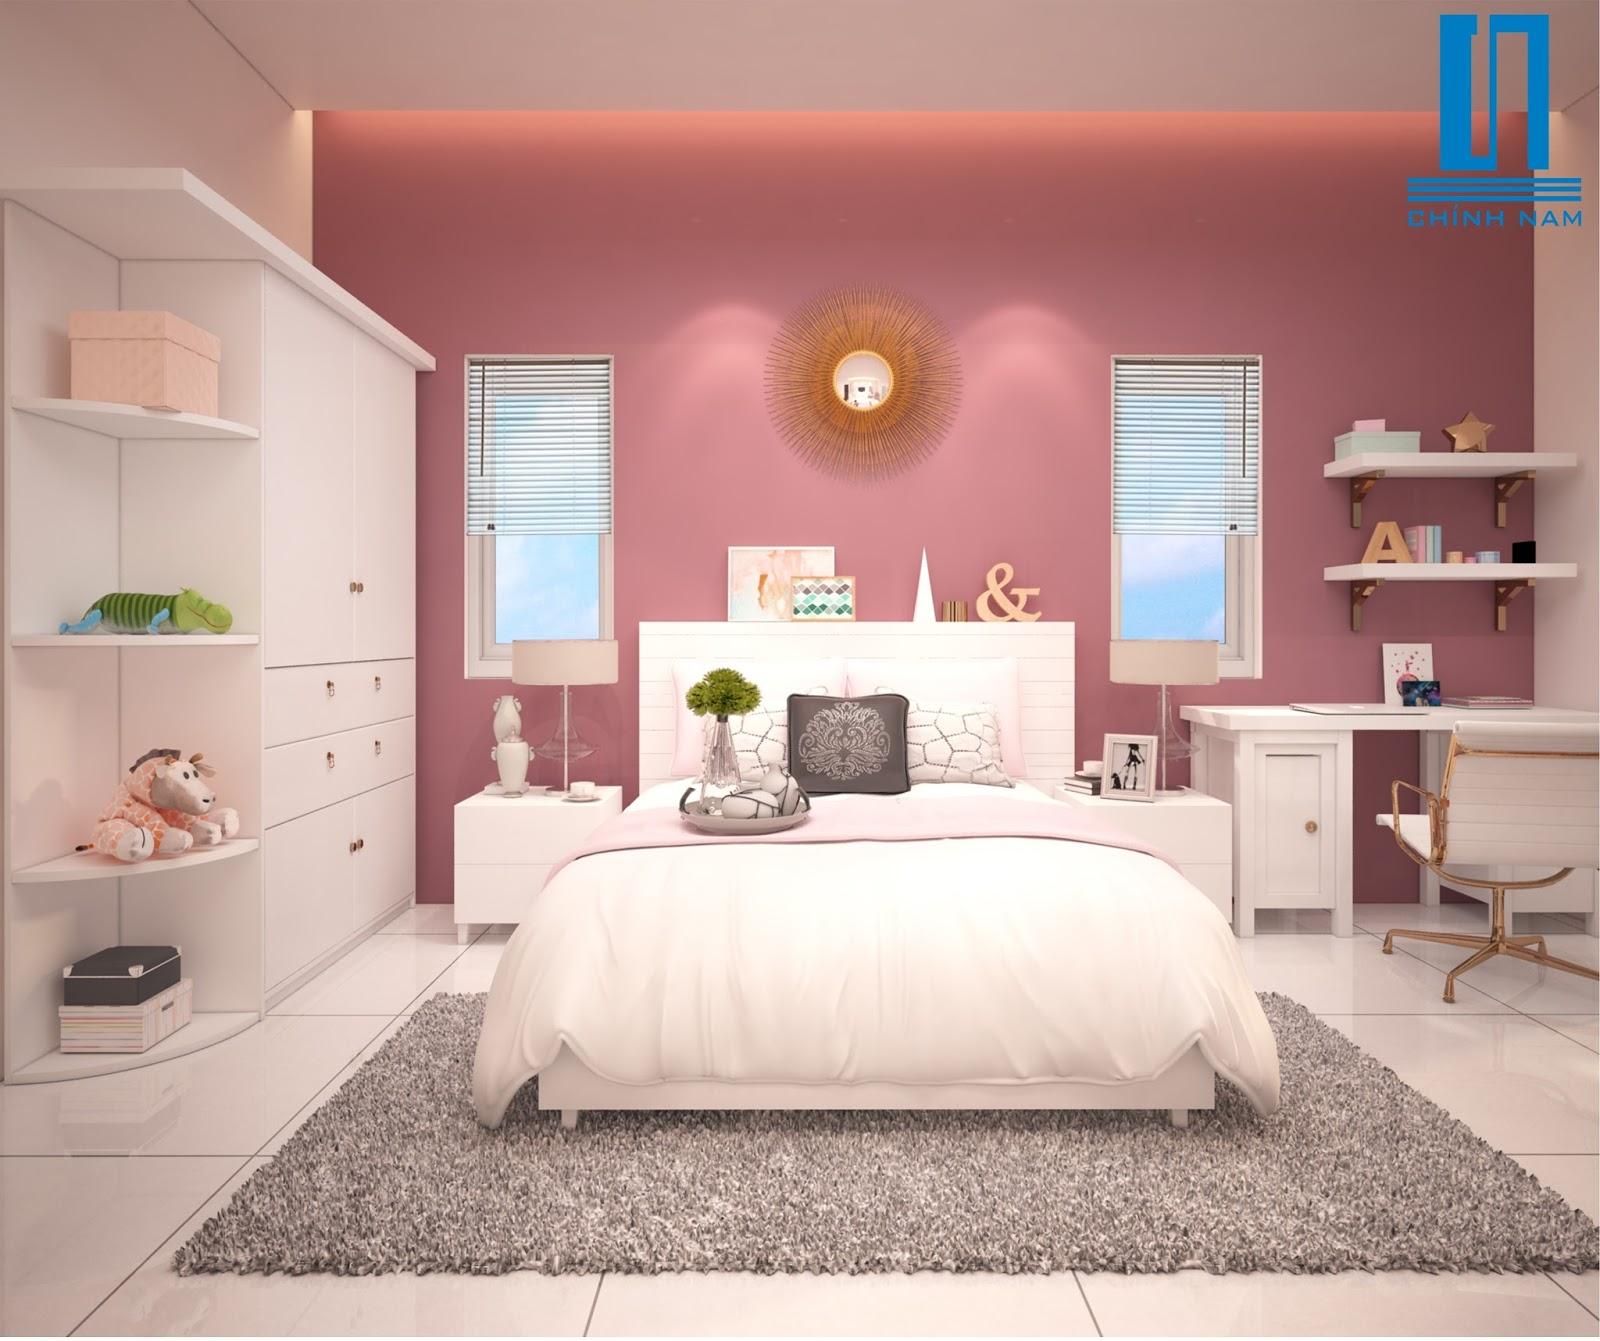 Nội thất phòng ngủ em bé